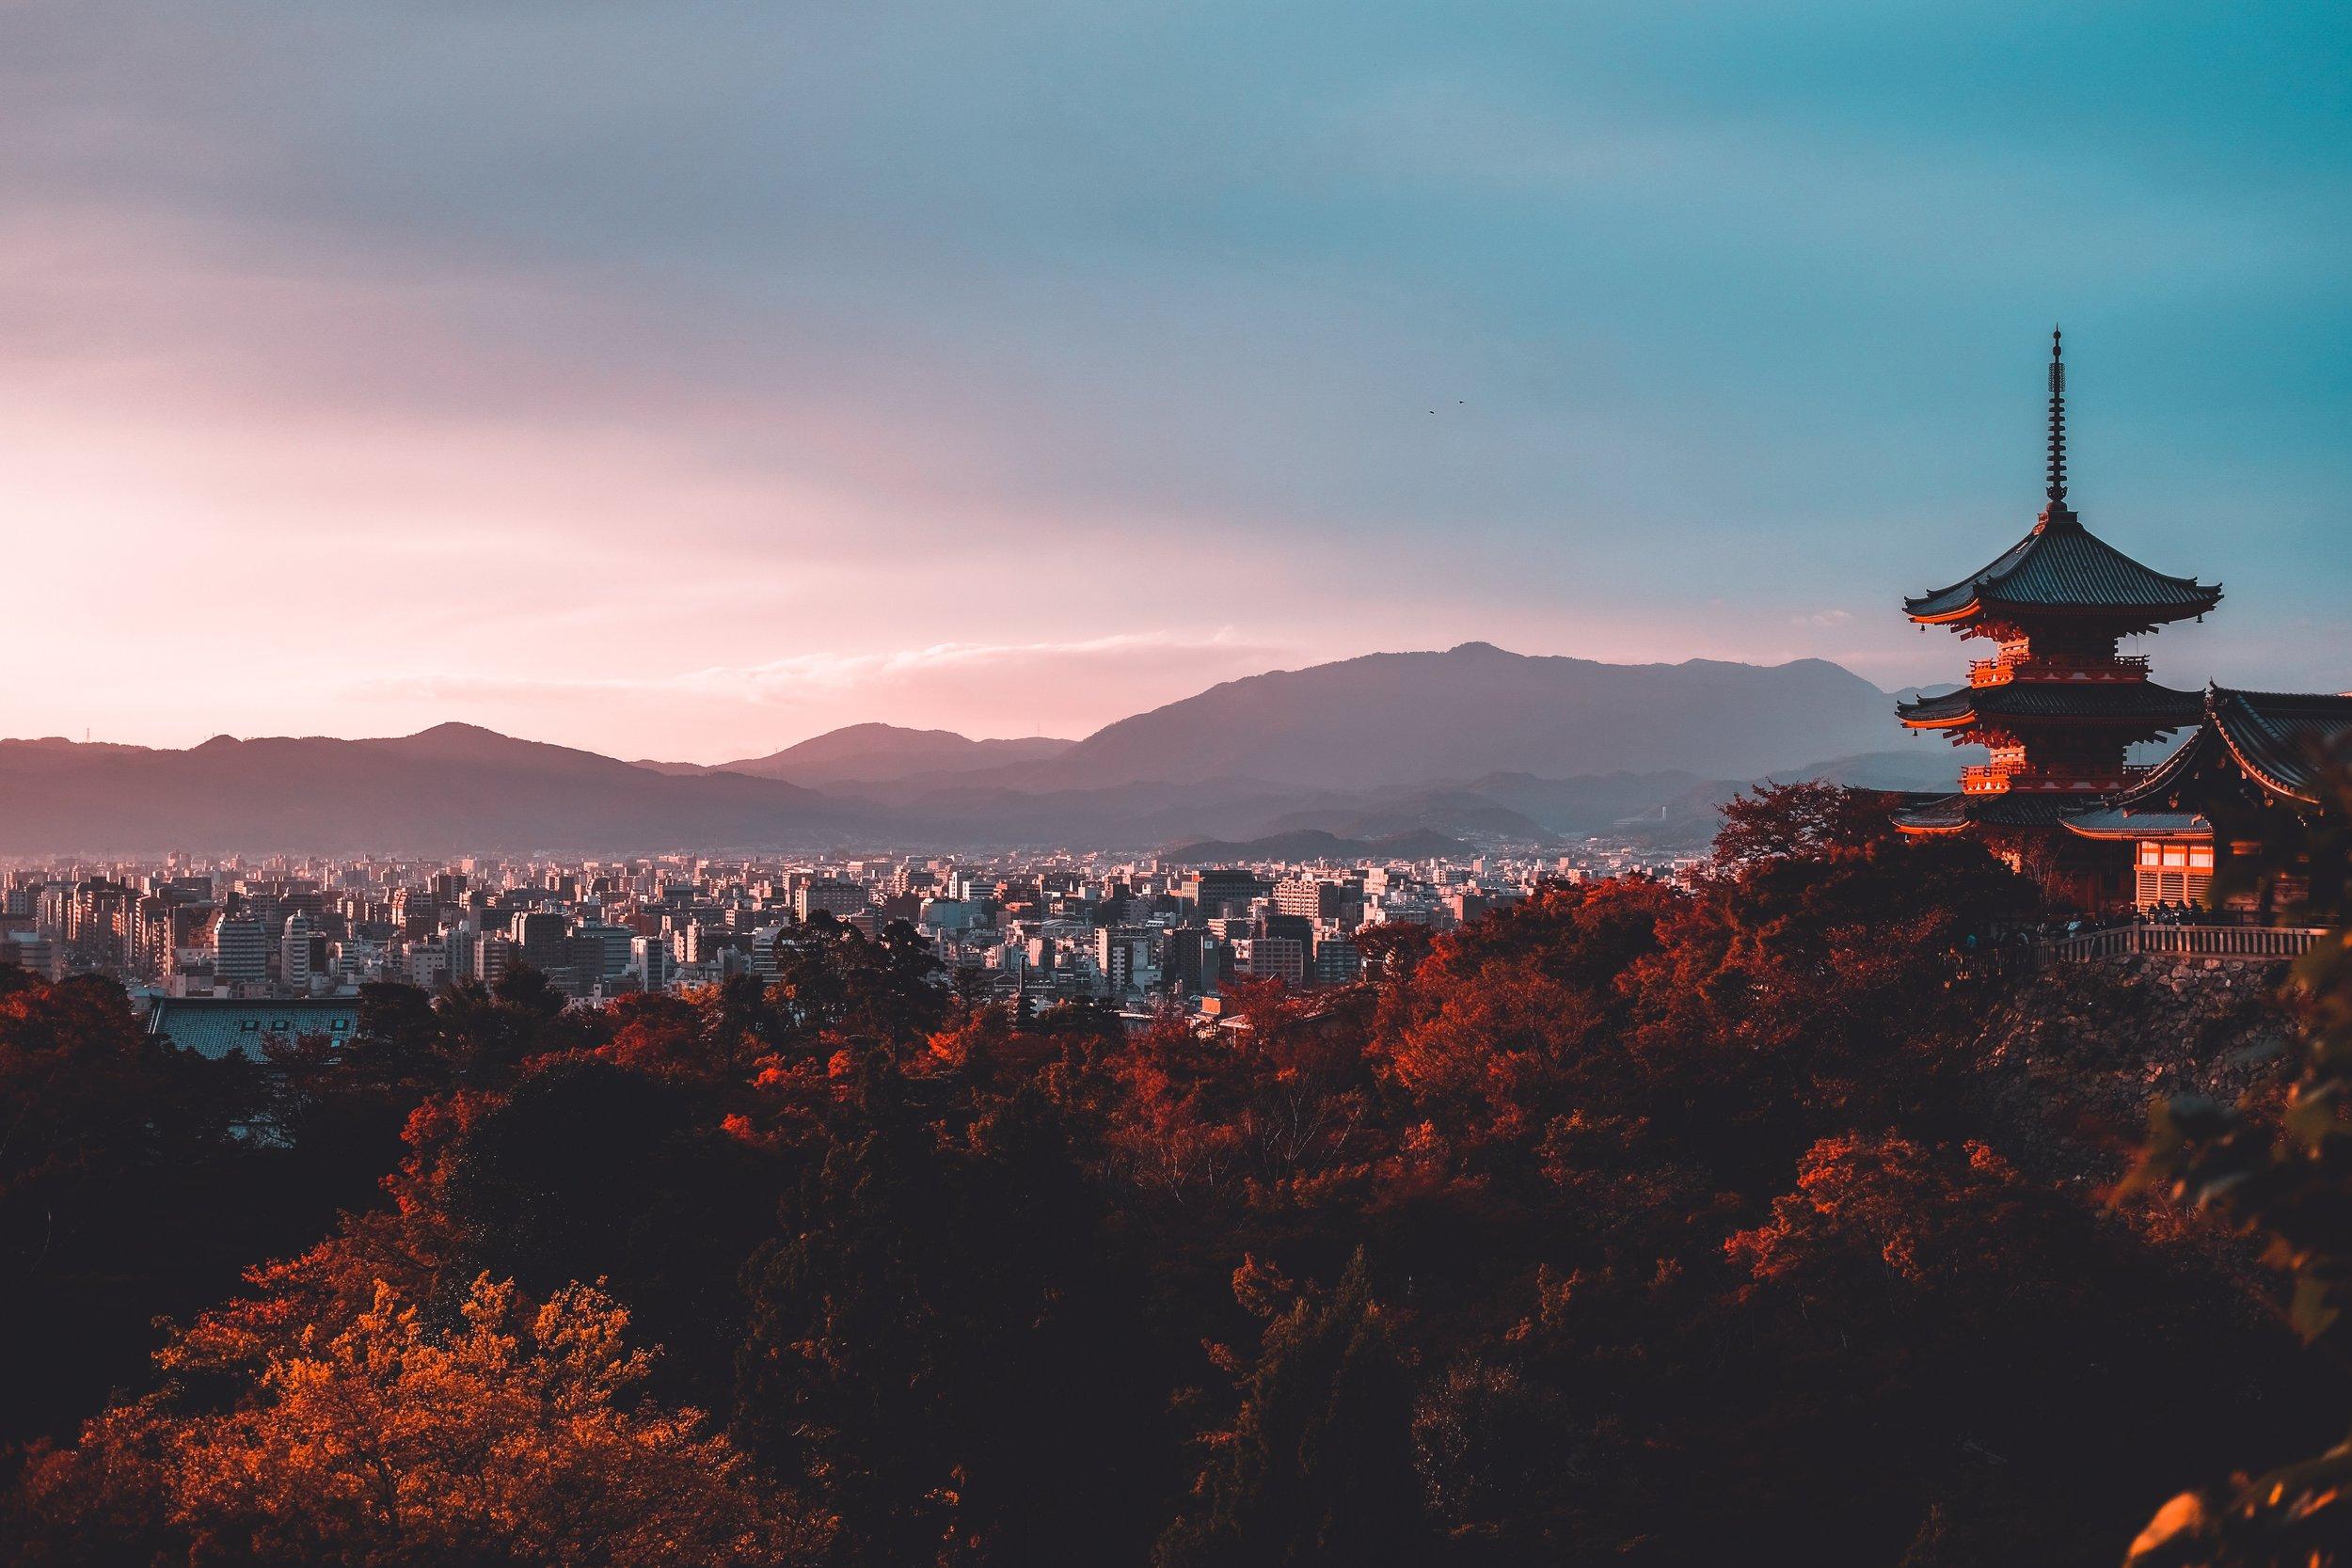 DAY 11:SAYONARA - KYOTO